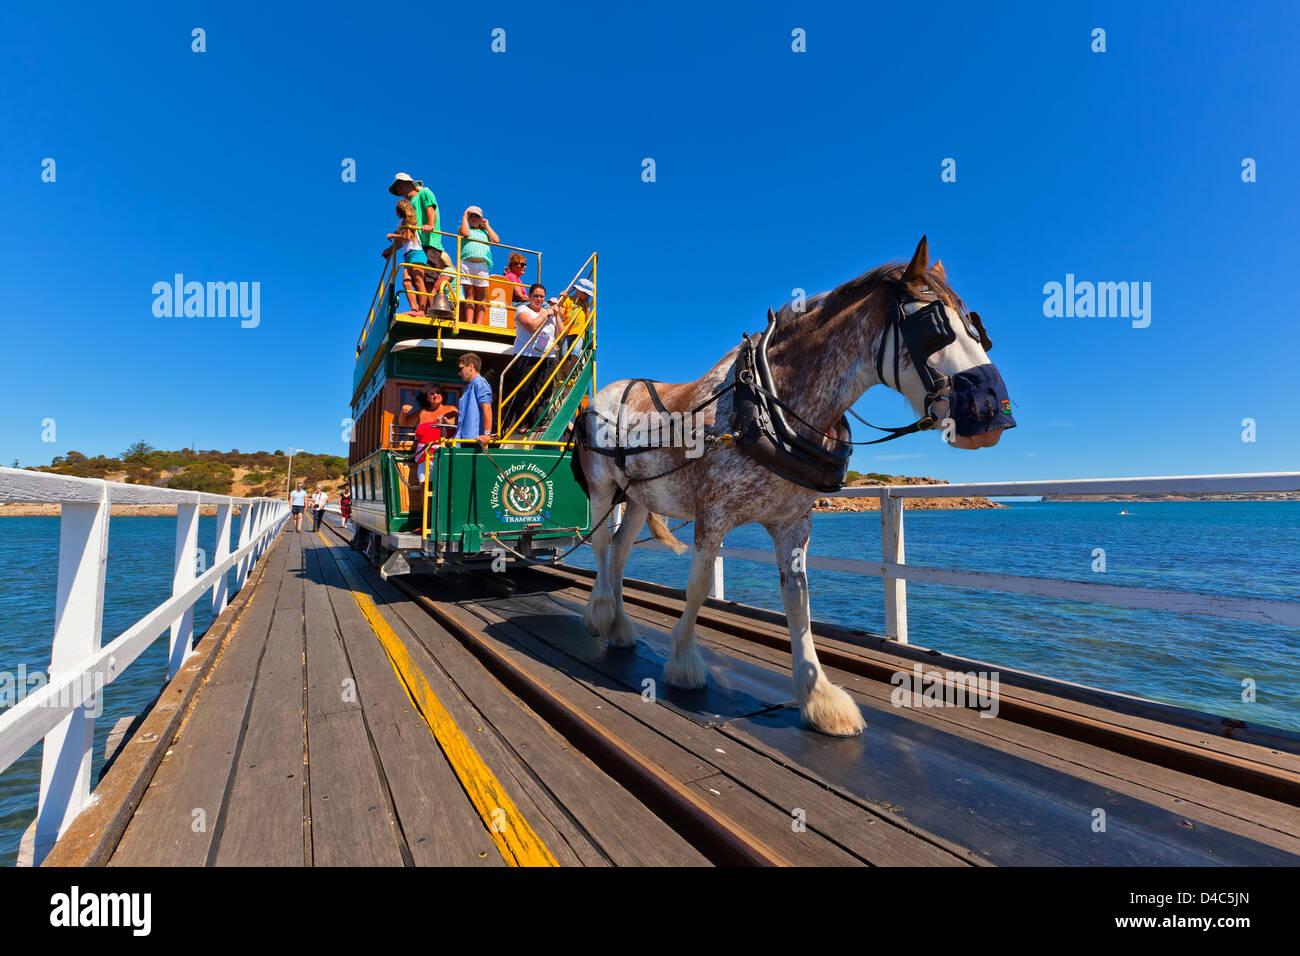 Tramway à chevaux de l'île de granit citoyen tourisme touristes Clydesdale Victor Harbor historique Photo Stock